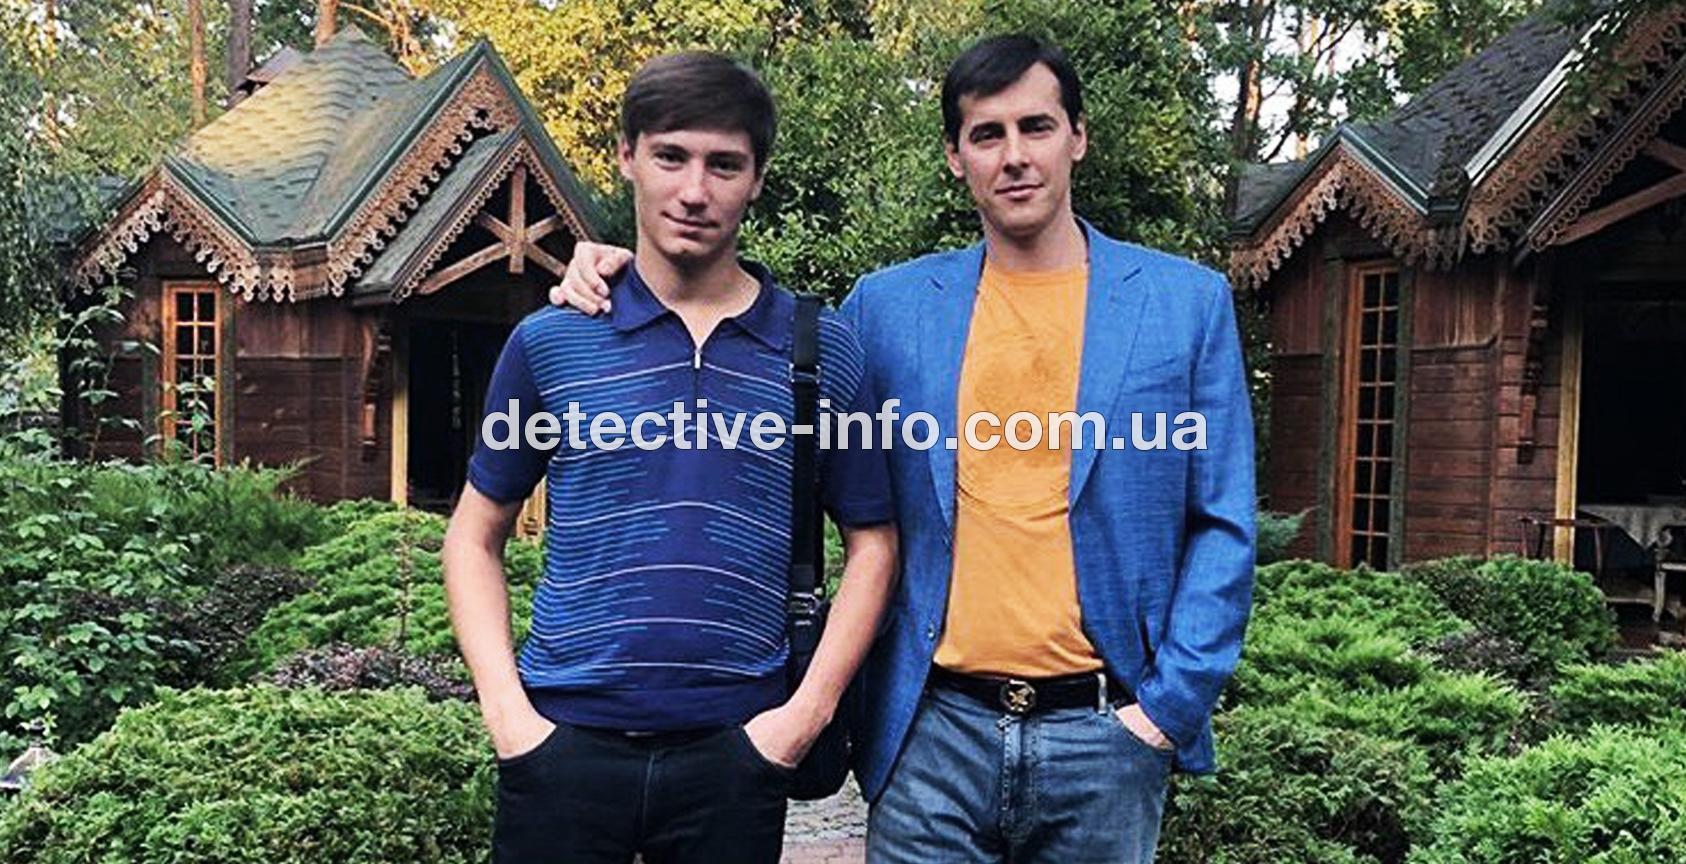 """mazur3 - Олександр Мазур: """"кримінальні батьки"""", АТО і Тарас Бульба"""